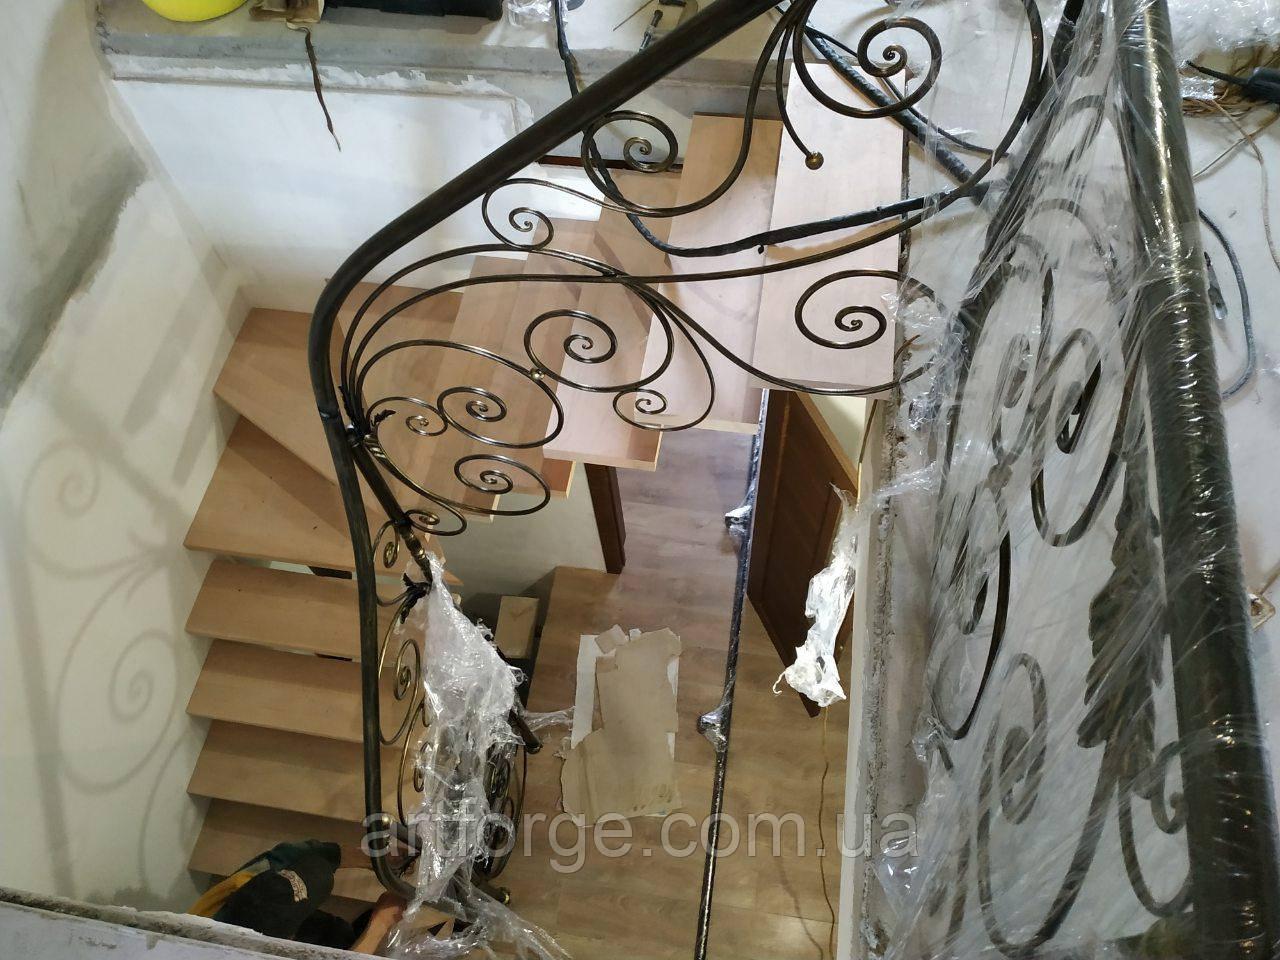 Кованые перила для лестницы. Кована огорожа сходів.